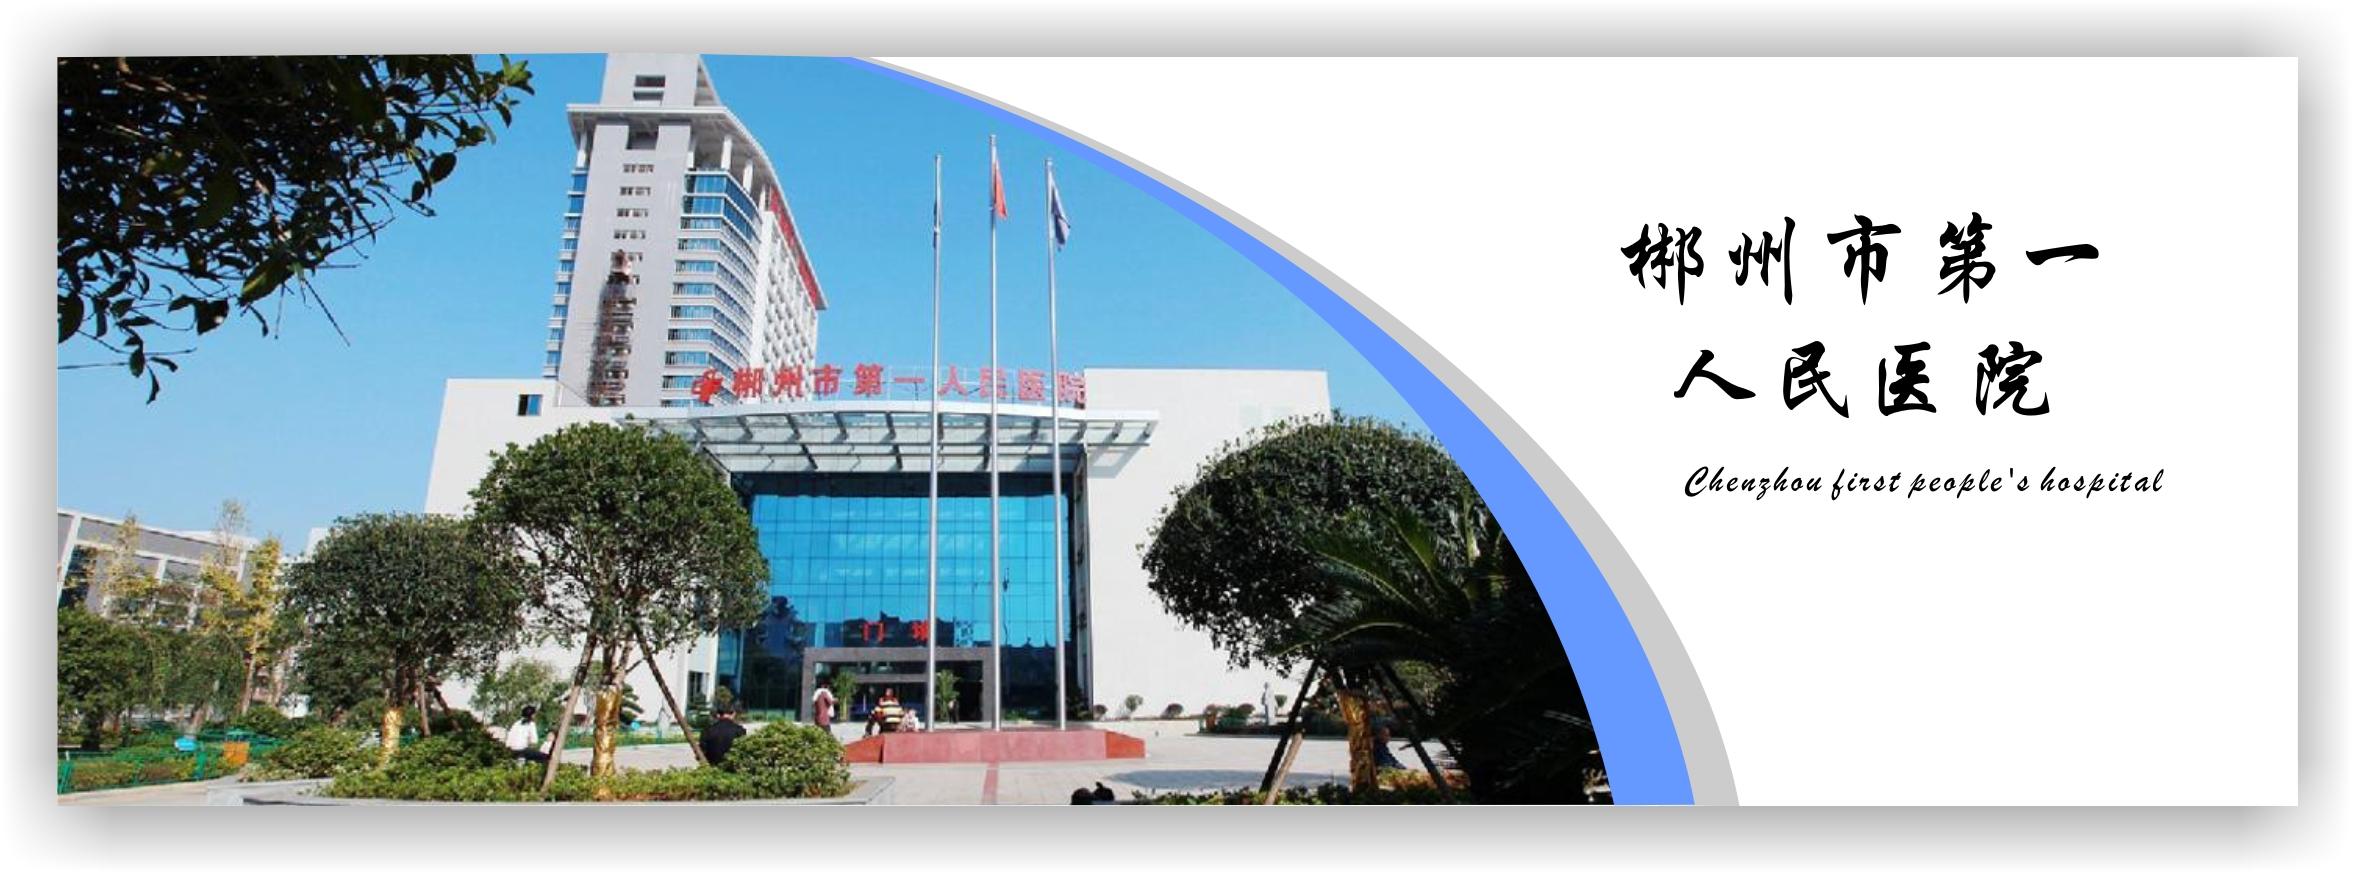 郴州市第一人发医院